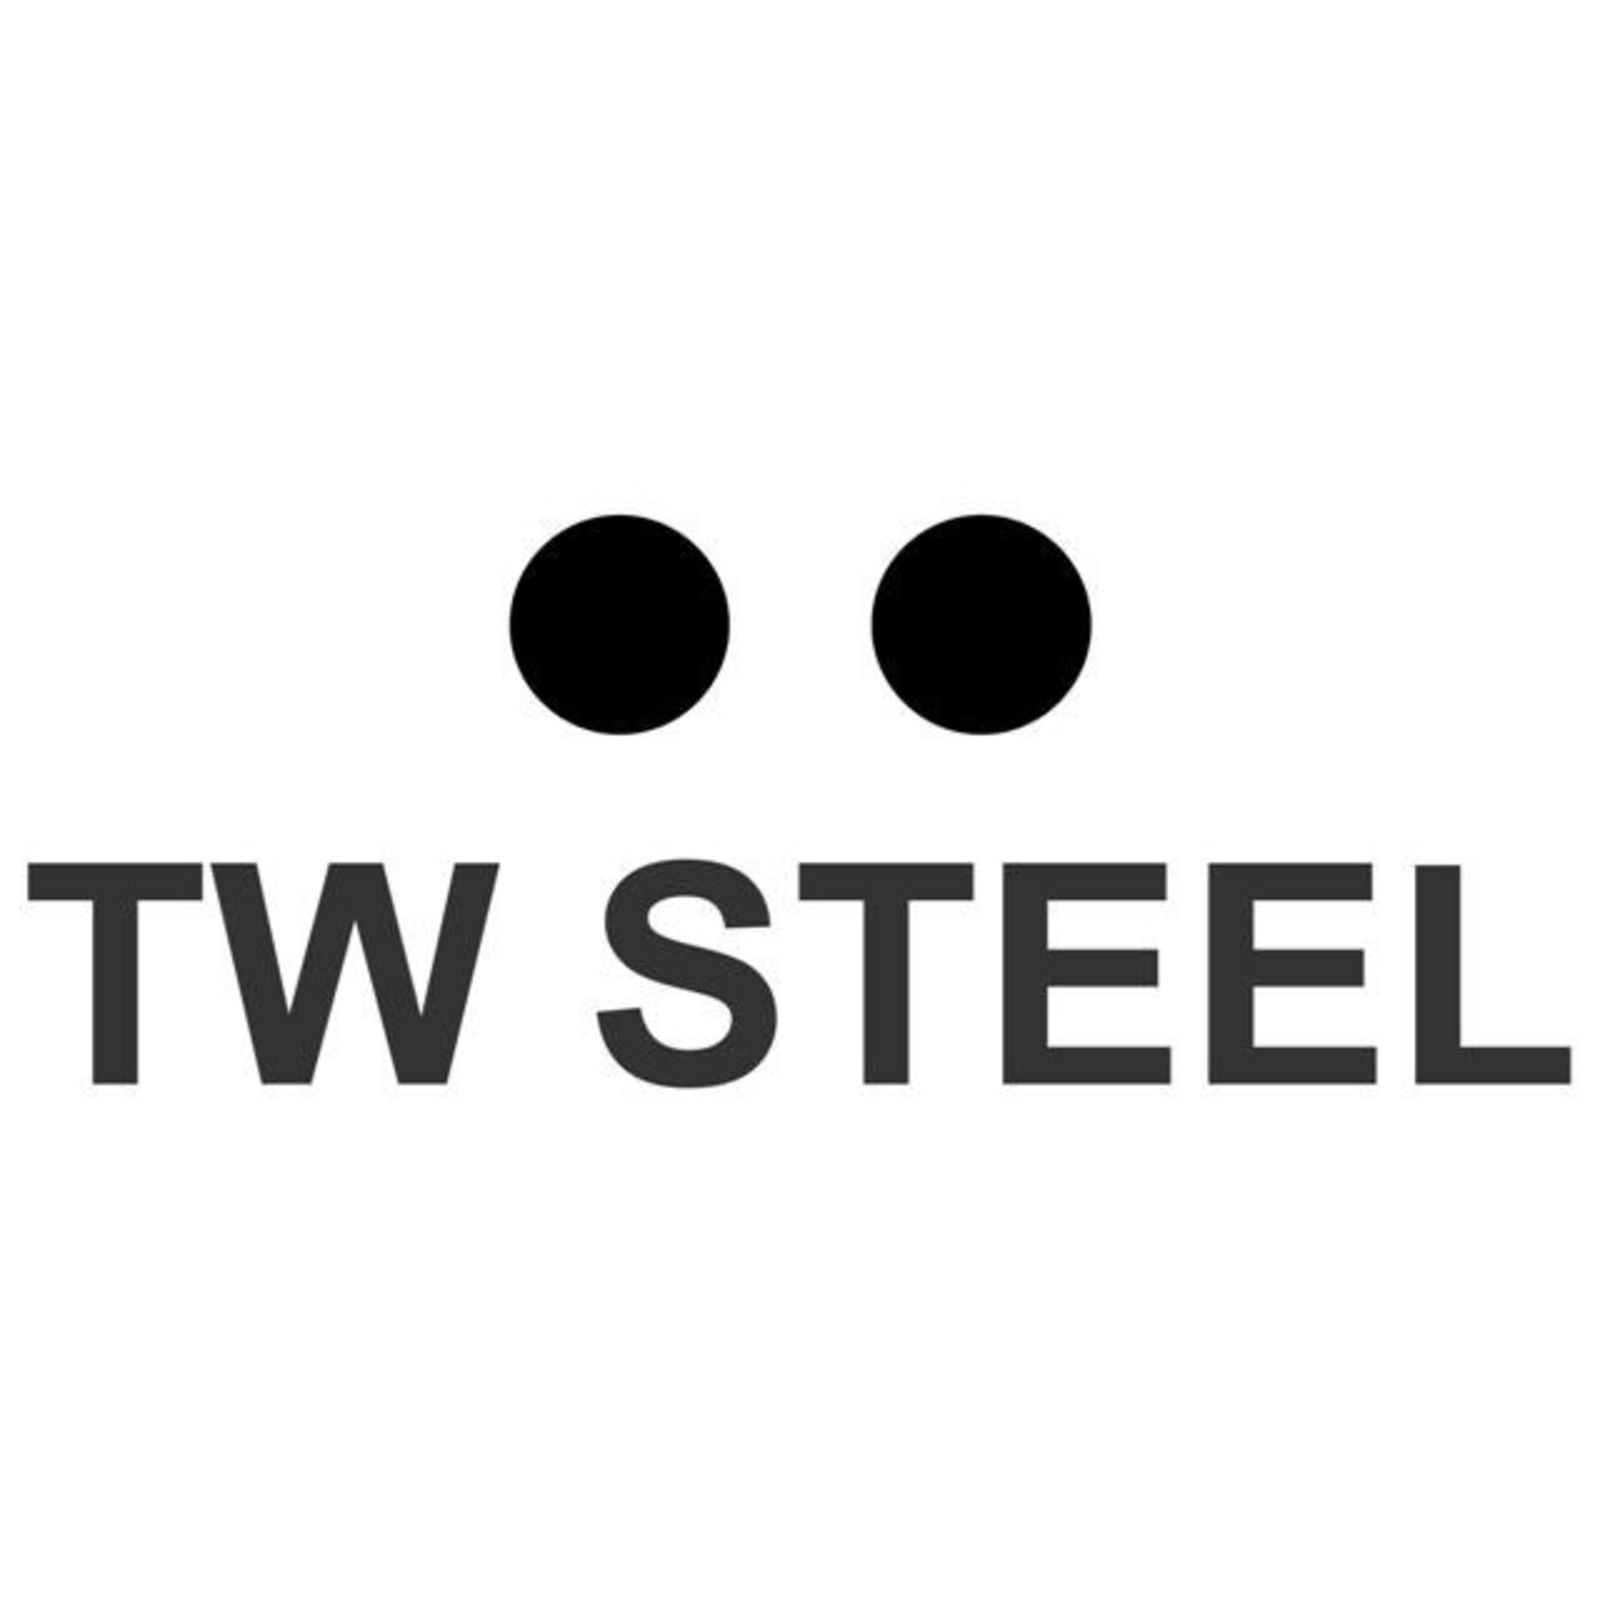 TW STEEL